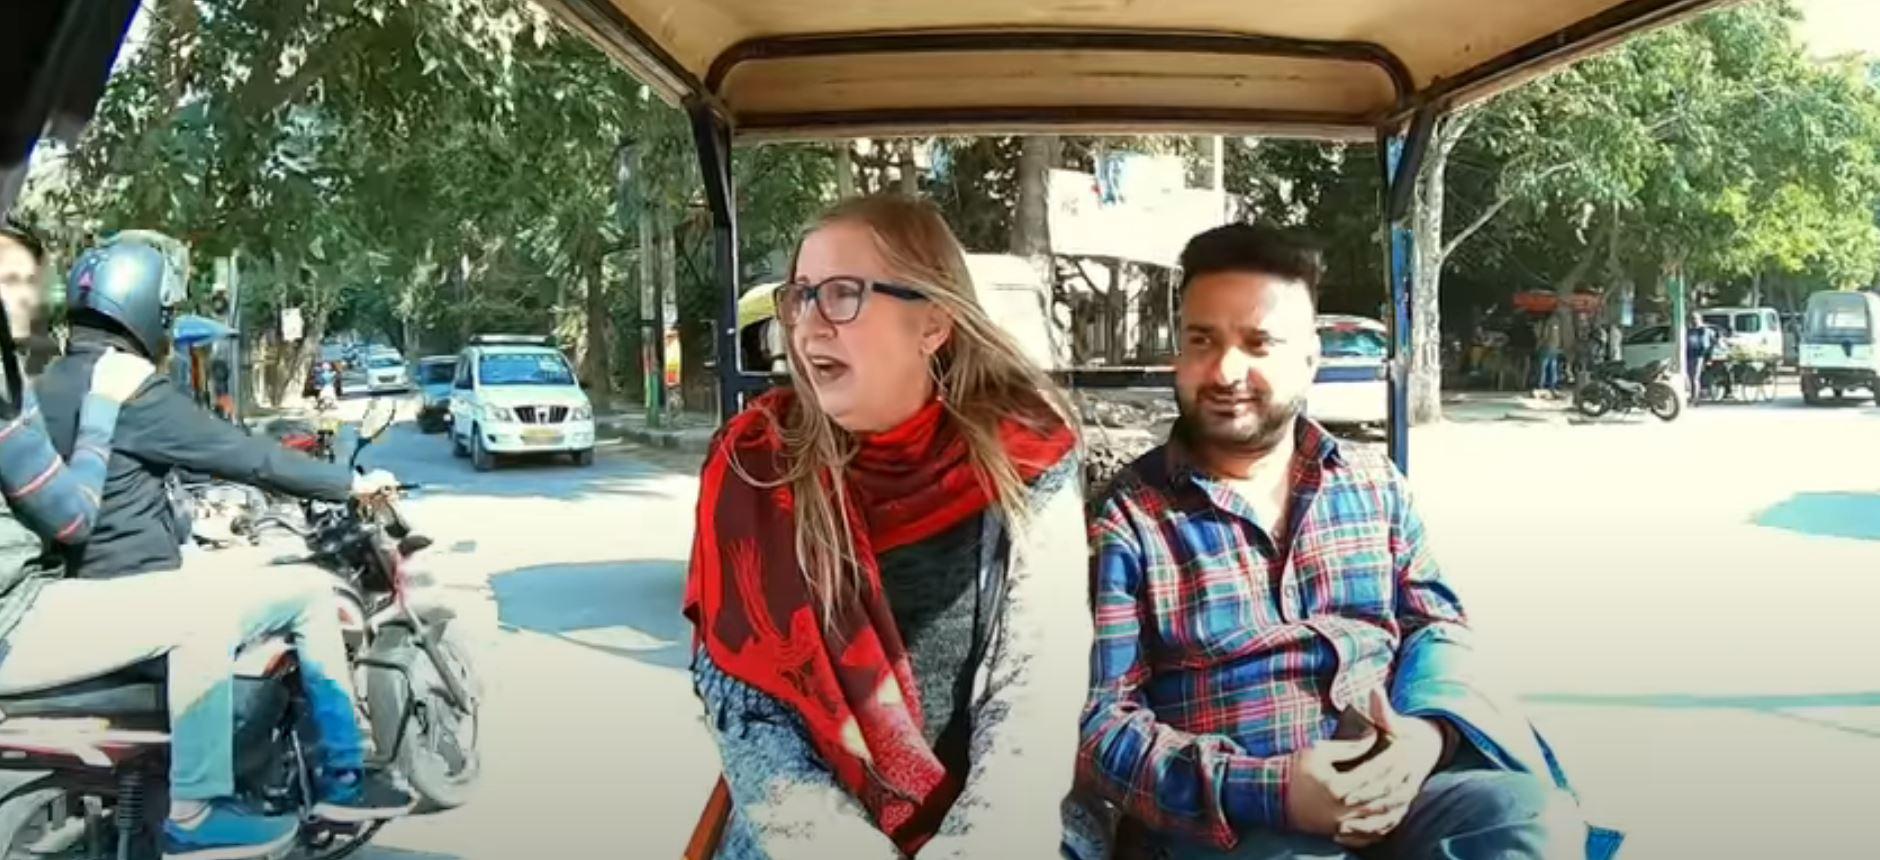 Jenny and Sumit on a rickshaw on '90 Day Fiancé'